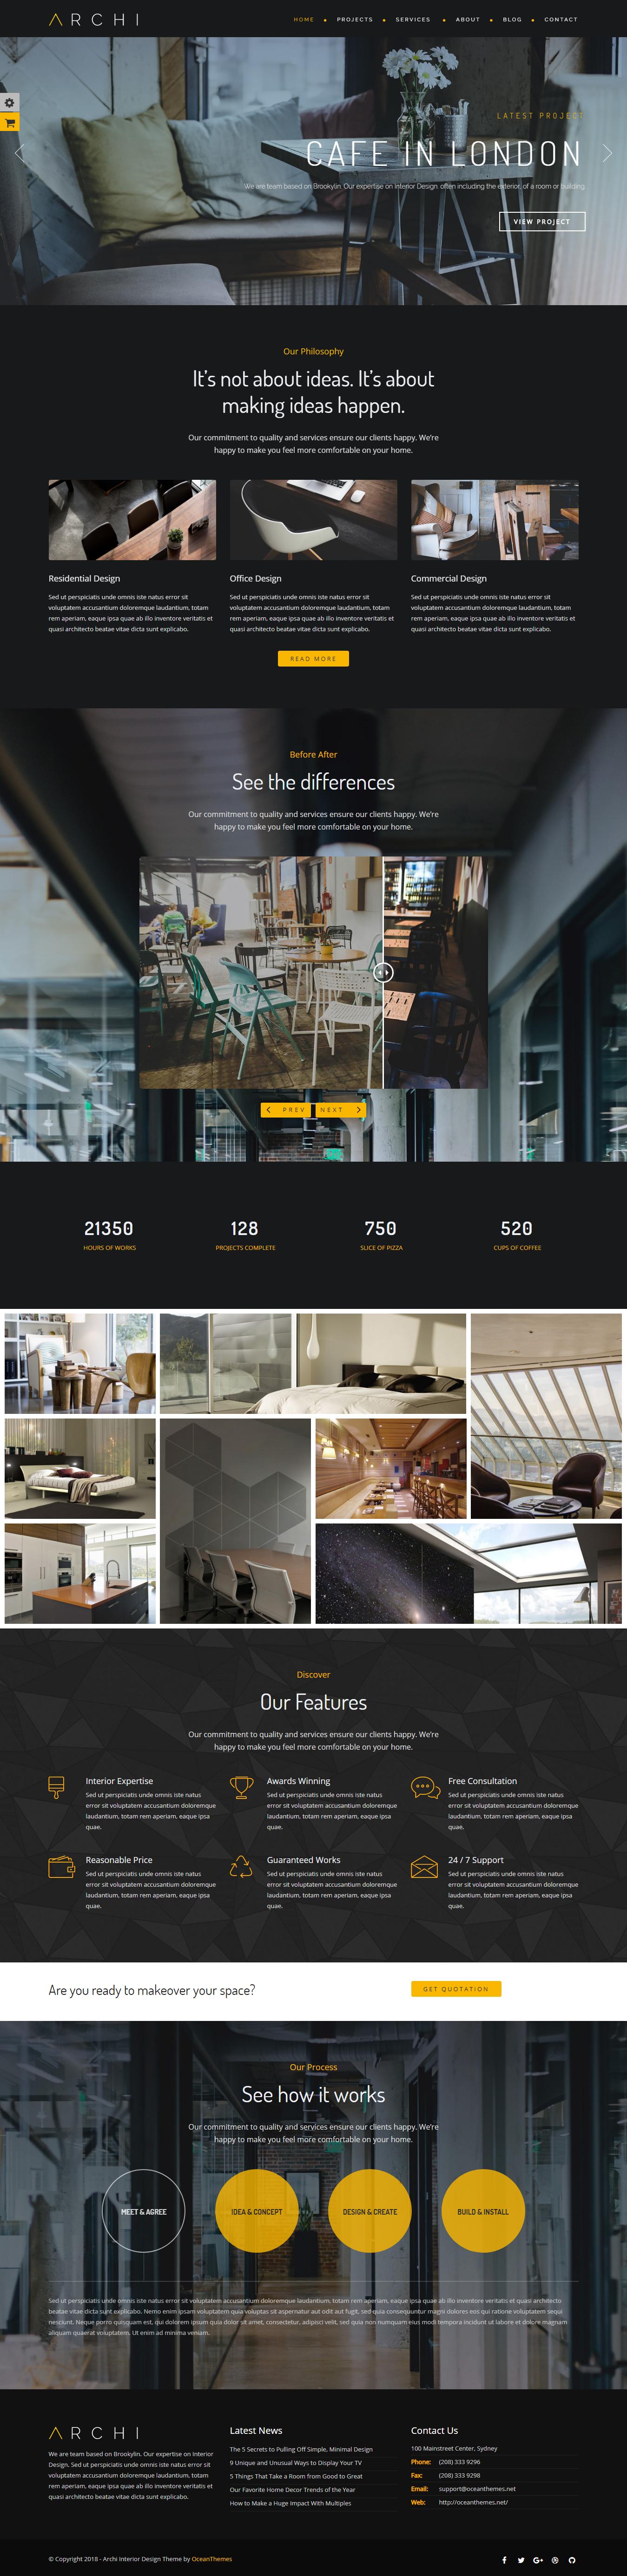 archi best premium interior design wordpress theme - 10+ Best Premium Interior Design WordPress Themes